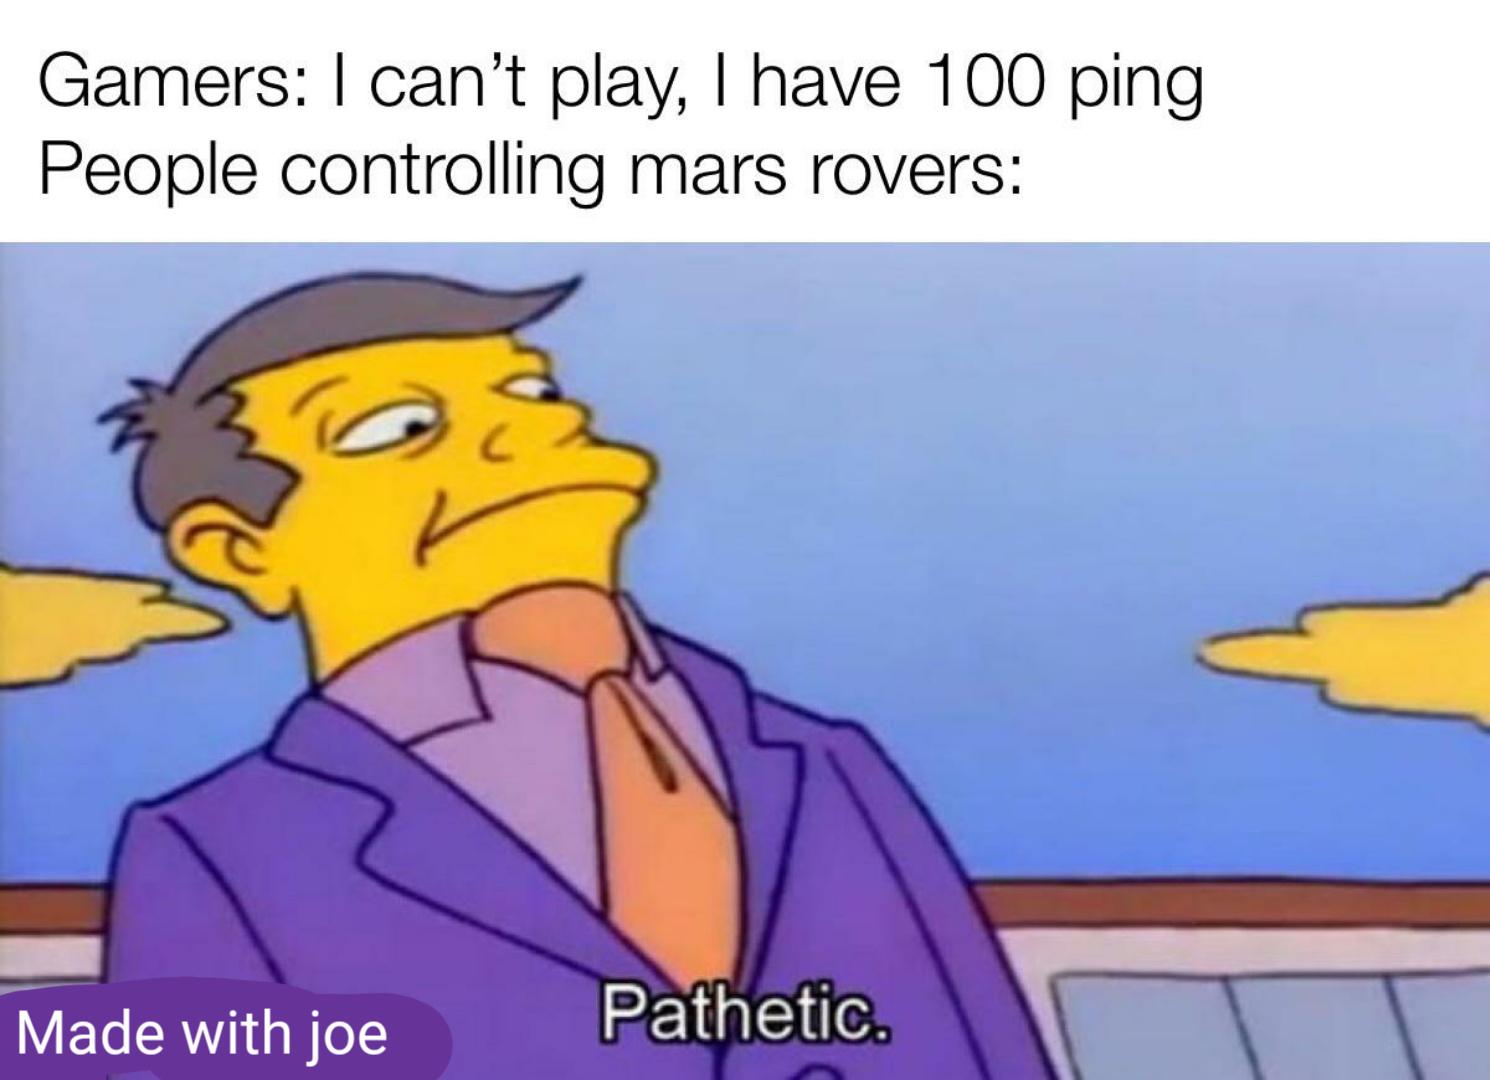 100000 ping - meme